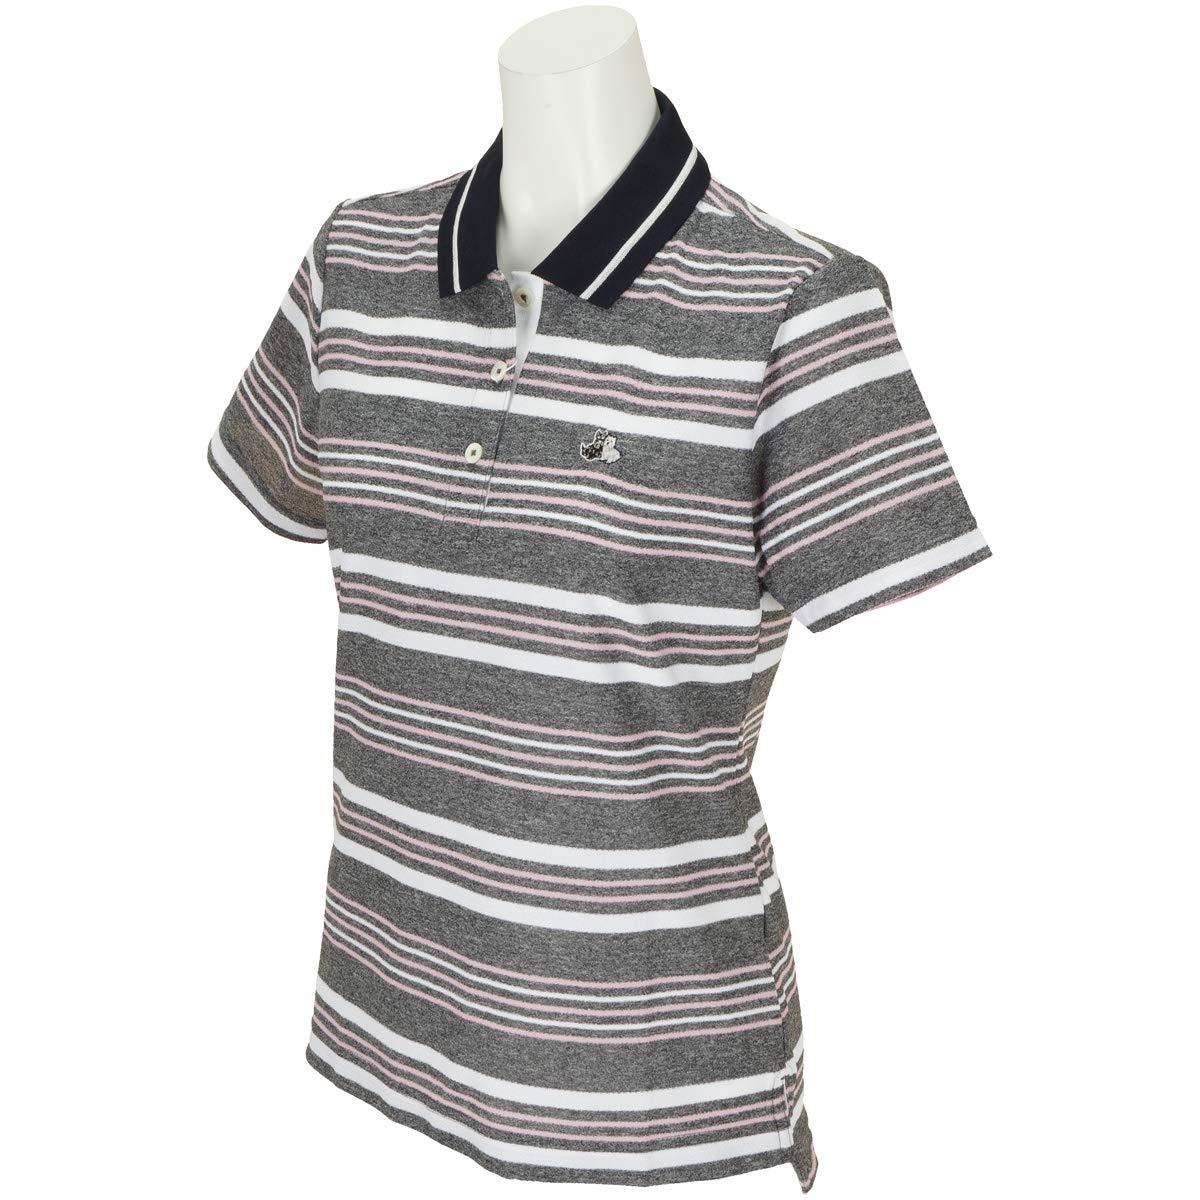 買取り実績  ブラック レディス&ホワイト M ネイビー Black& White 半袖シャツポロシャツ 半袖ポロシャツ レディス M ネイビー B07QG6MXDX, 海草郡:dd9b7f1d --- gazneftprodukt.ru